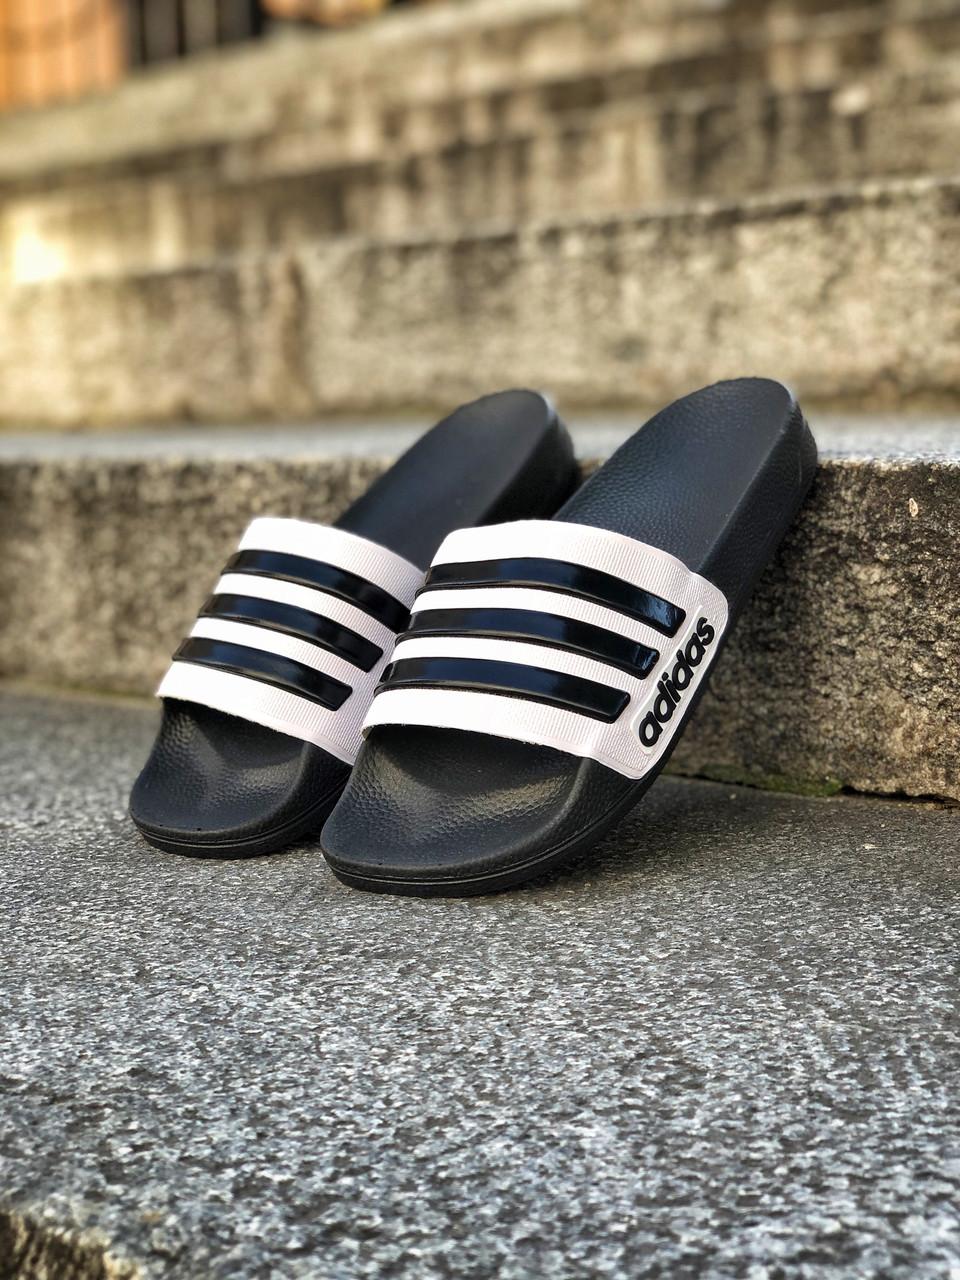 Шлёпанцы (Тапки) Adidas Black-White